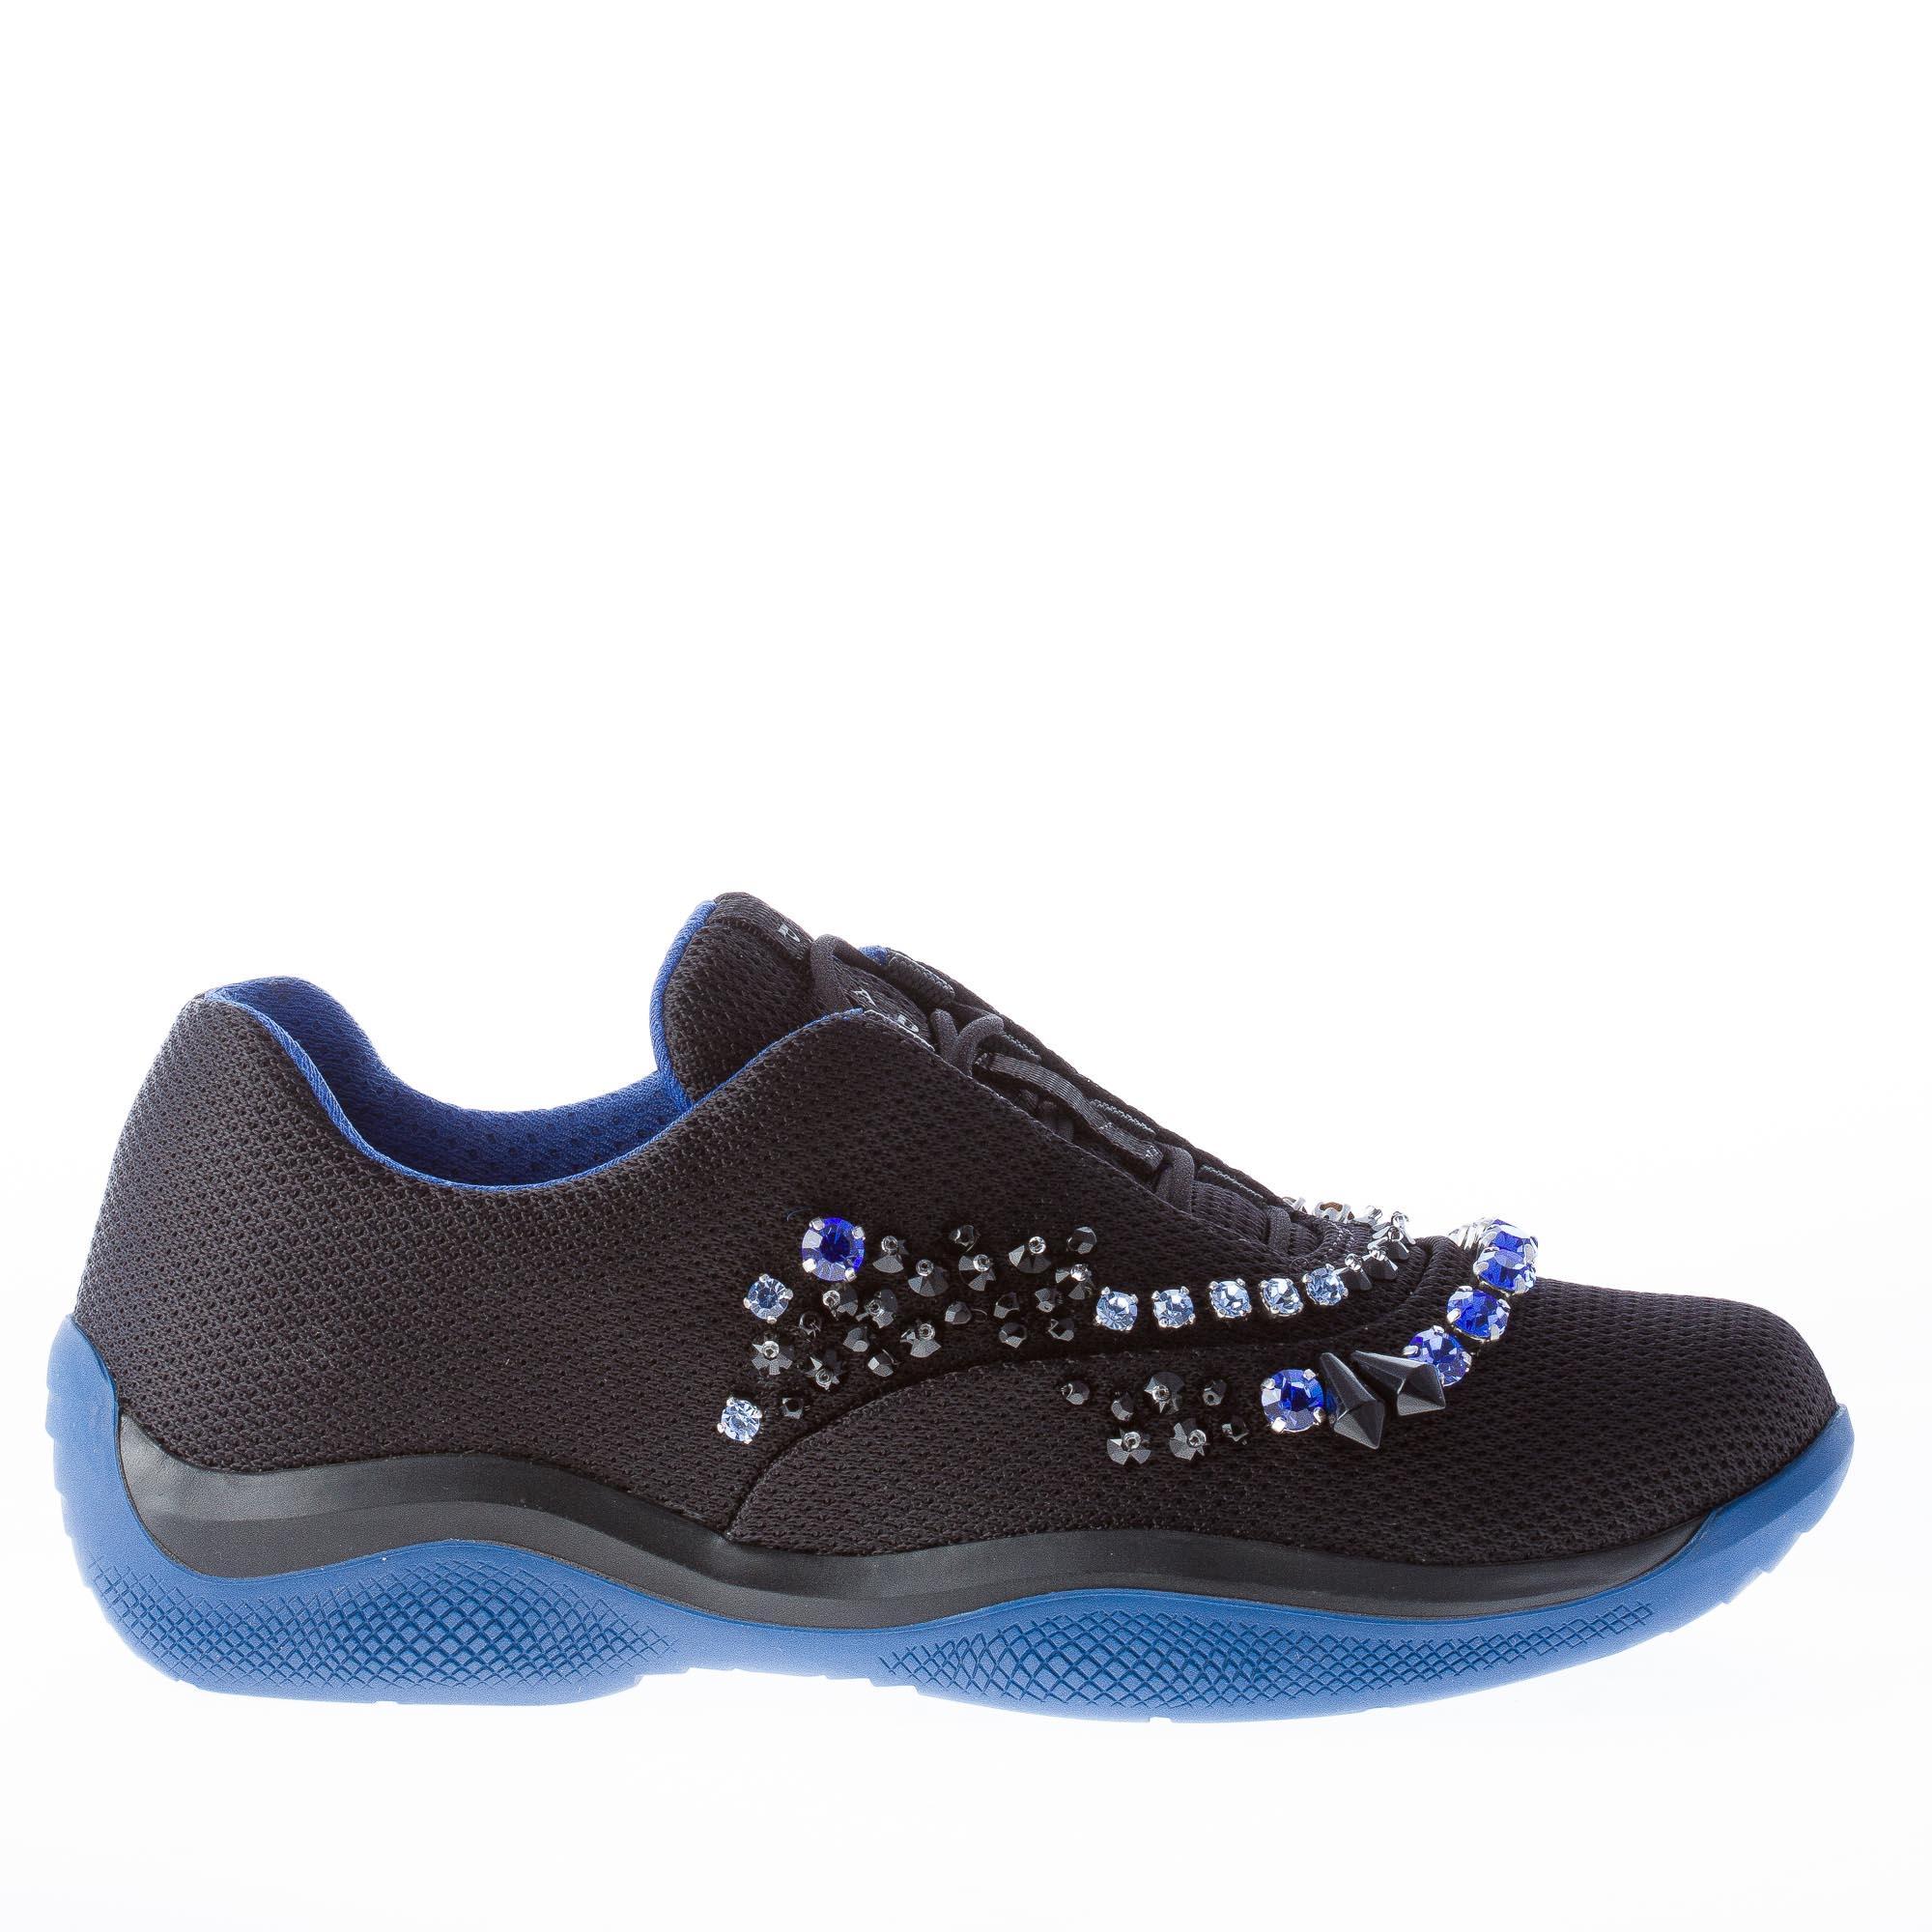 Prada Mujer Zapatos tenis de nailon negro America's Cup cristales cristales cristales de Color y granos  el precio más bajo